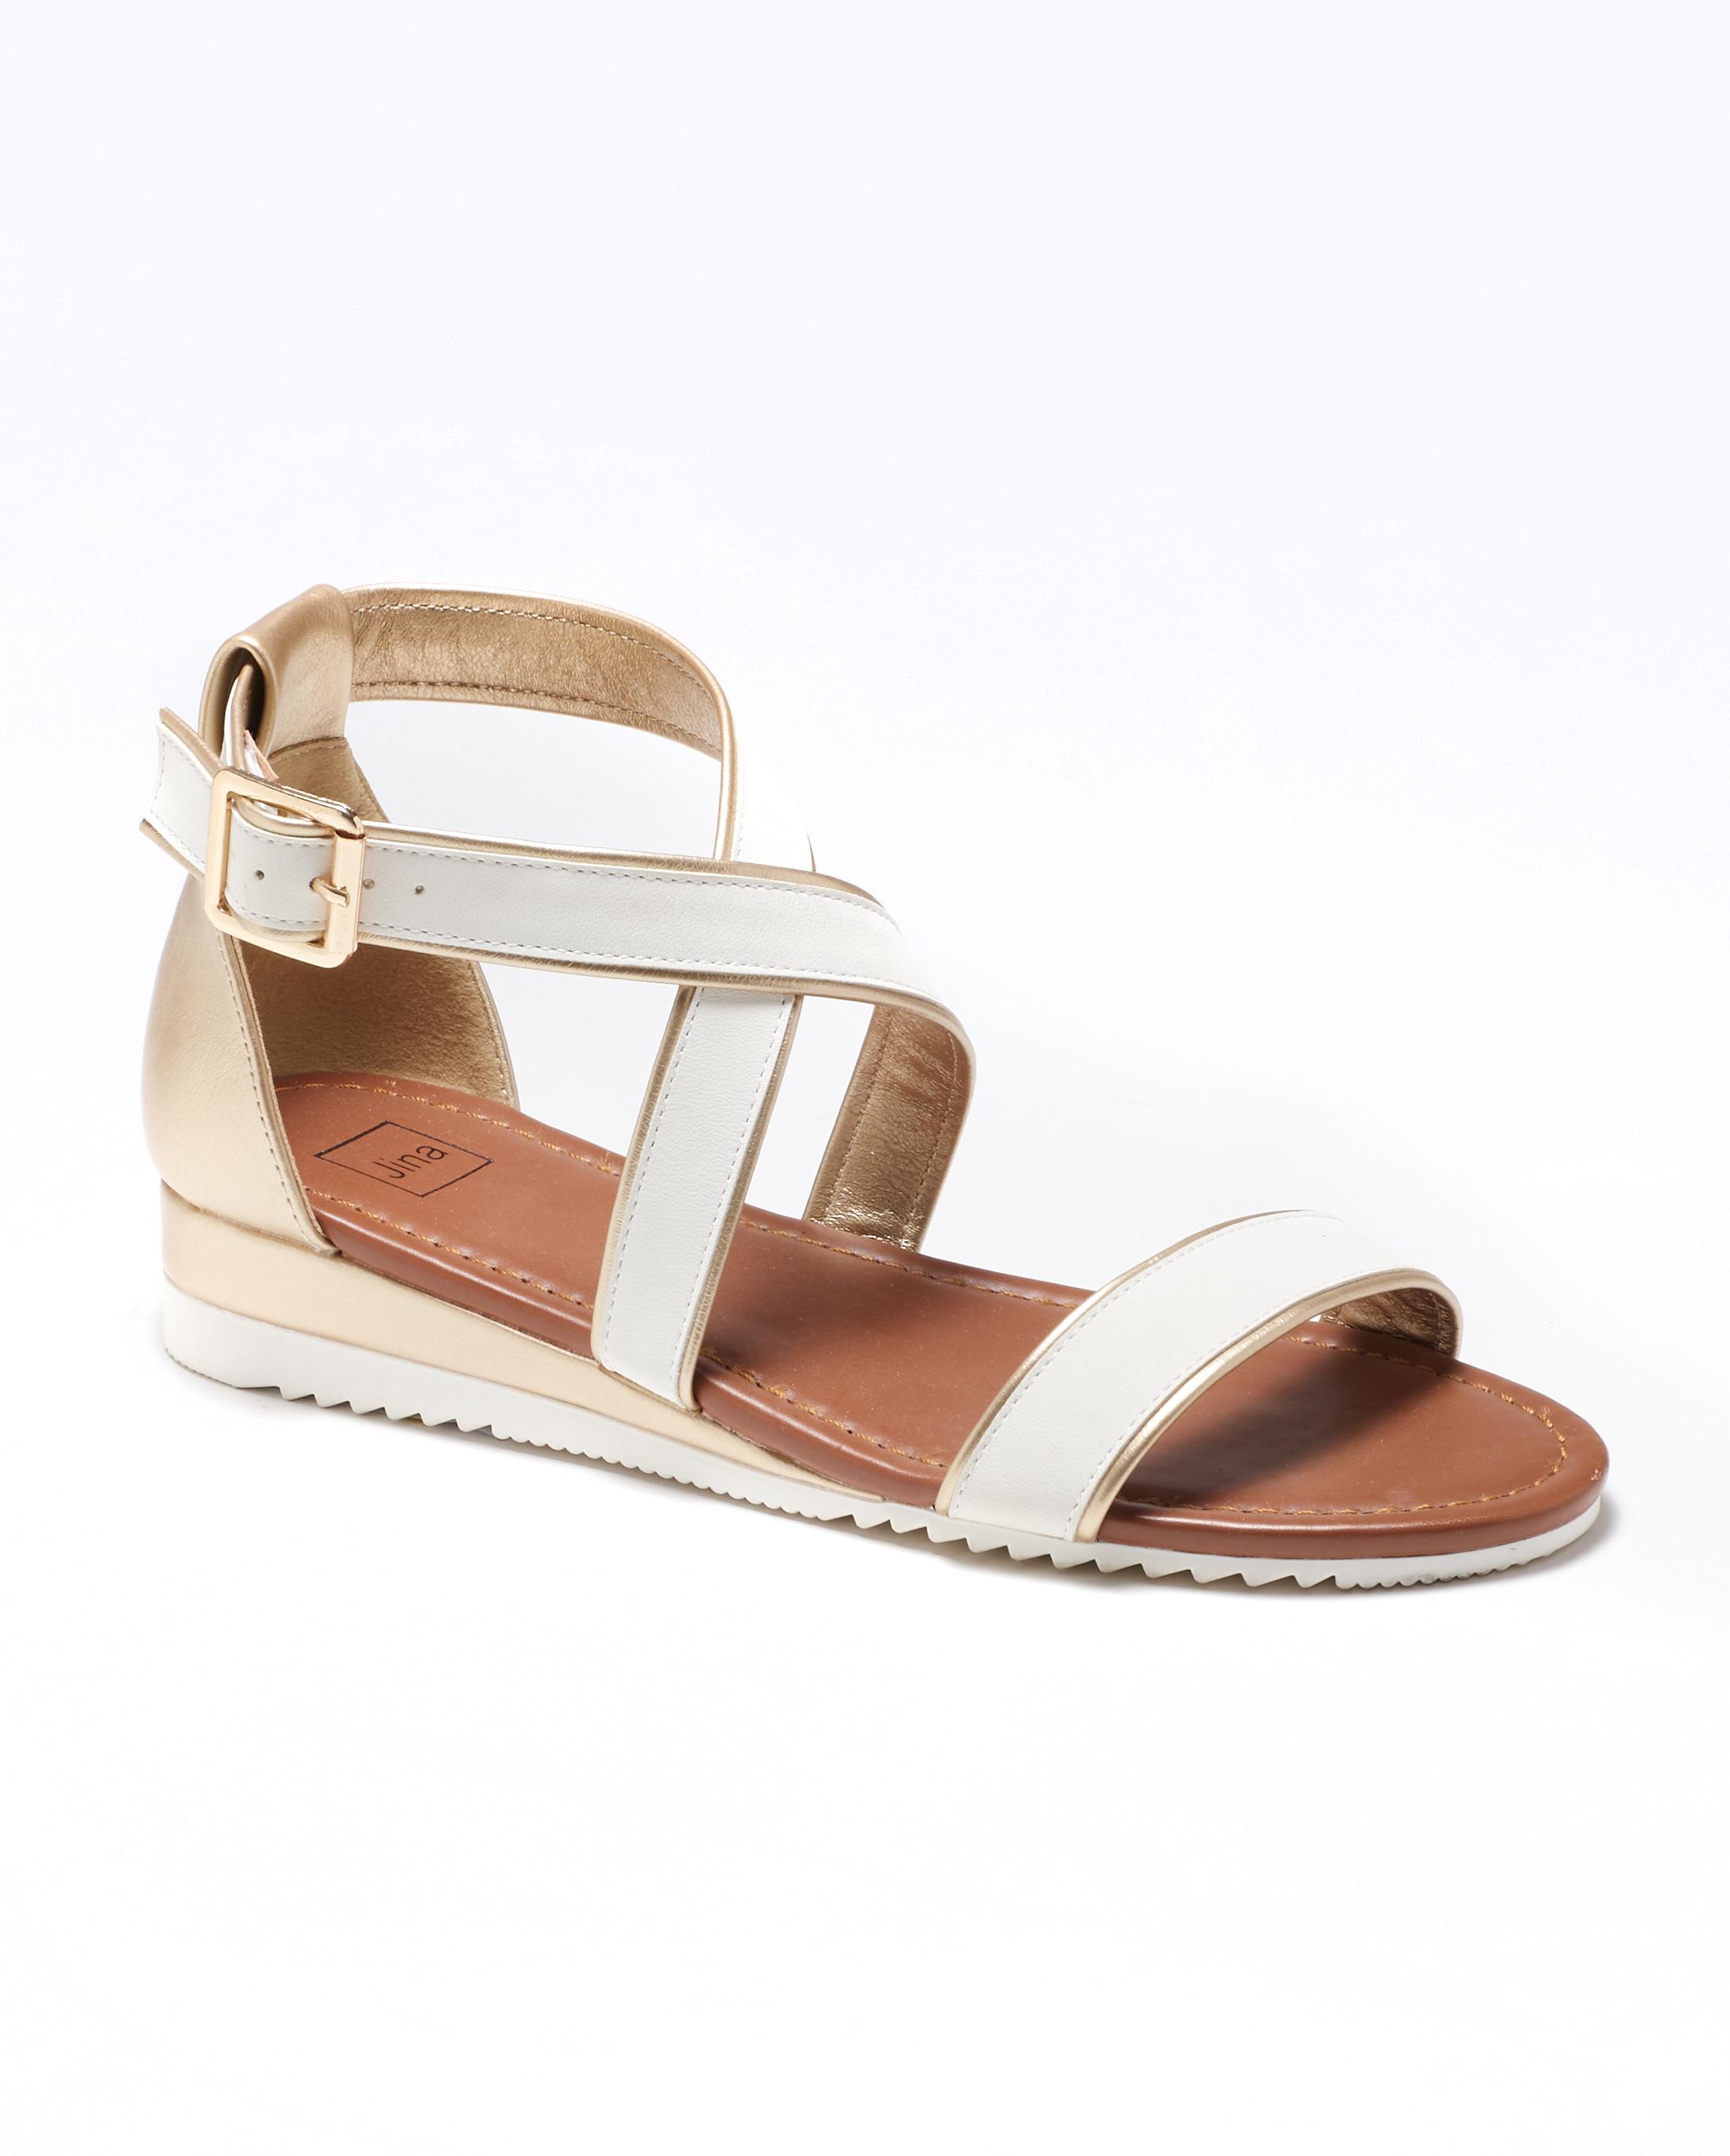 Sandales Compensées Femme - Sandale Talon Compensee Blanc Jina - Fs19-112903